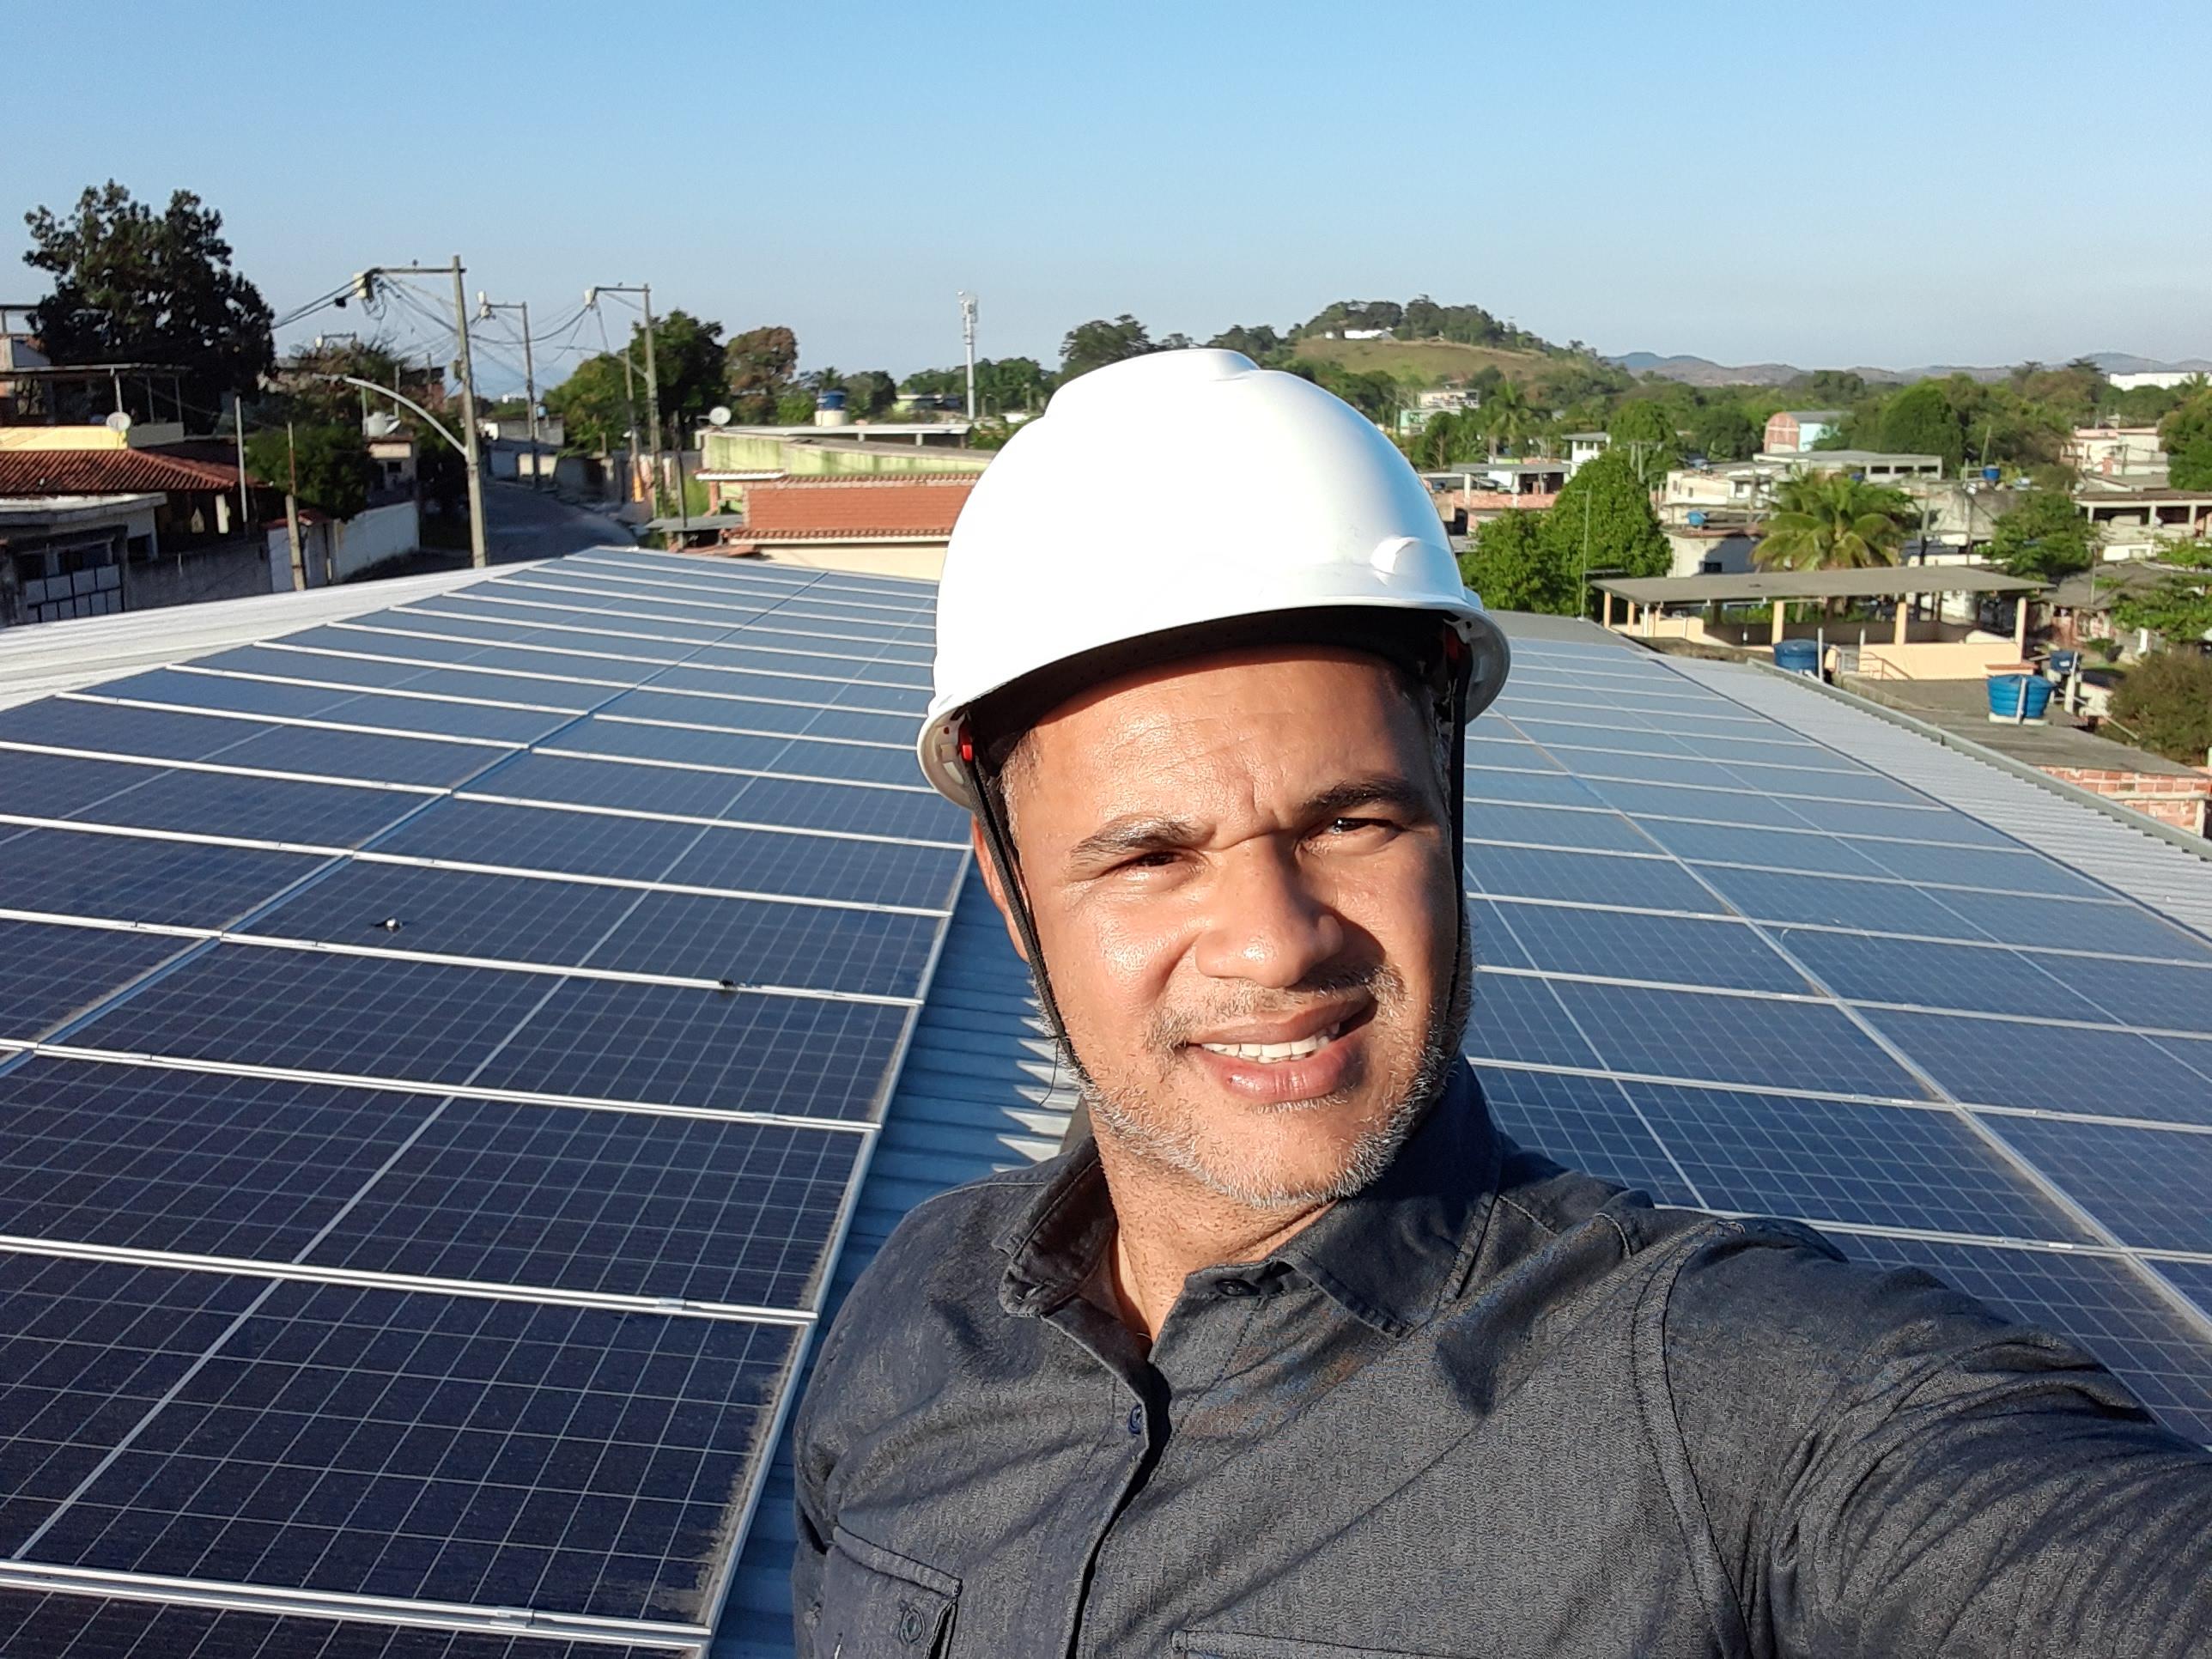 sistema fotovoltaico de grande potencia